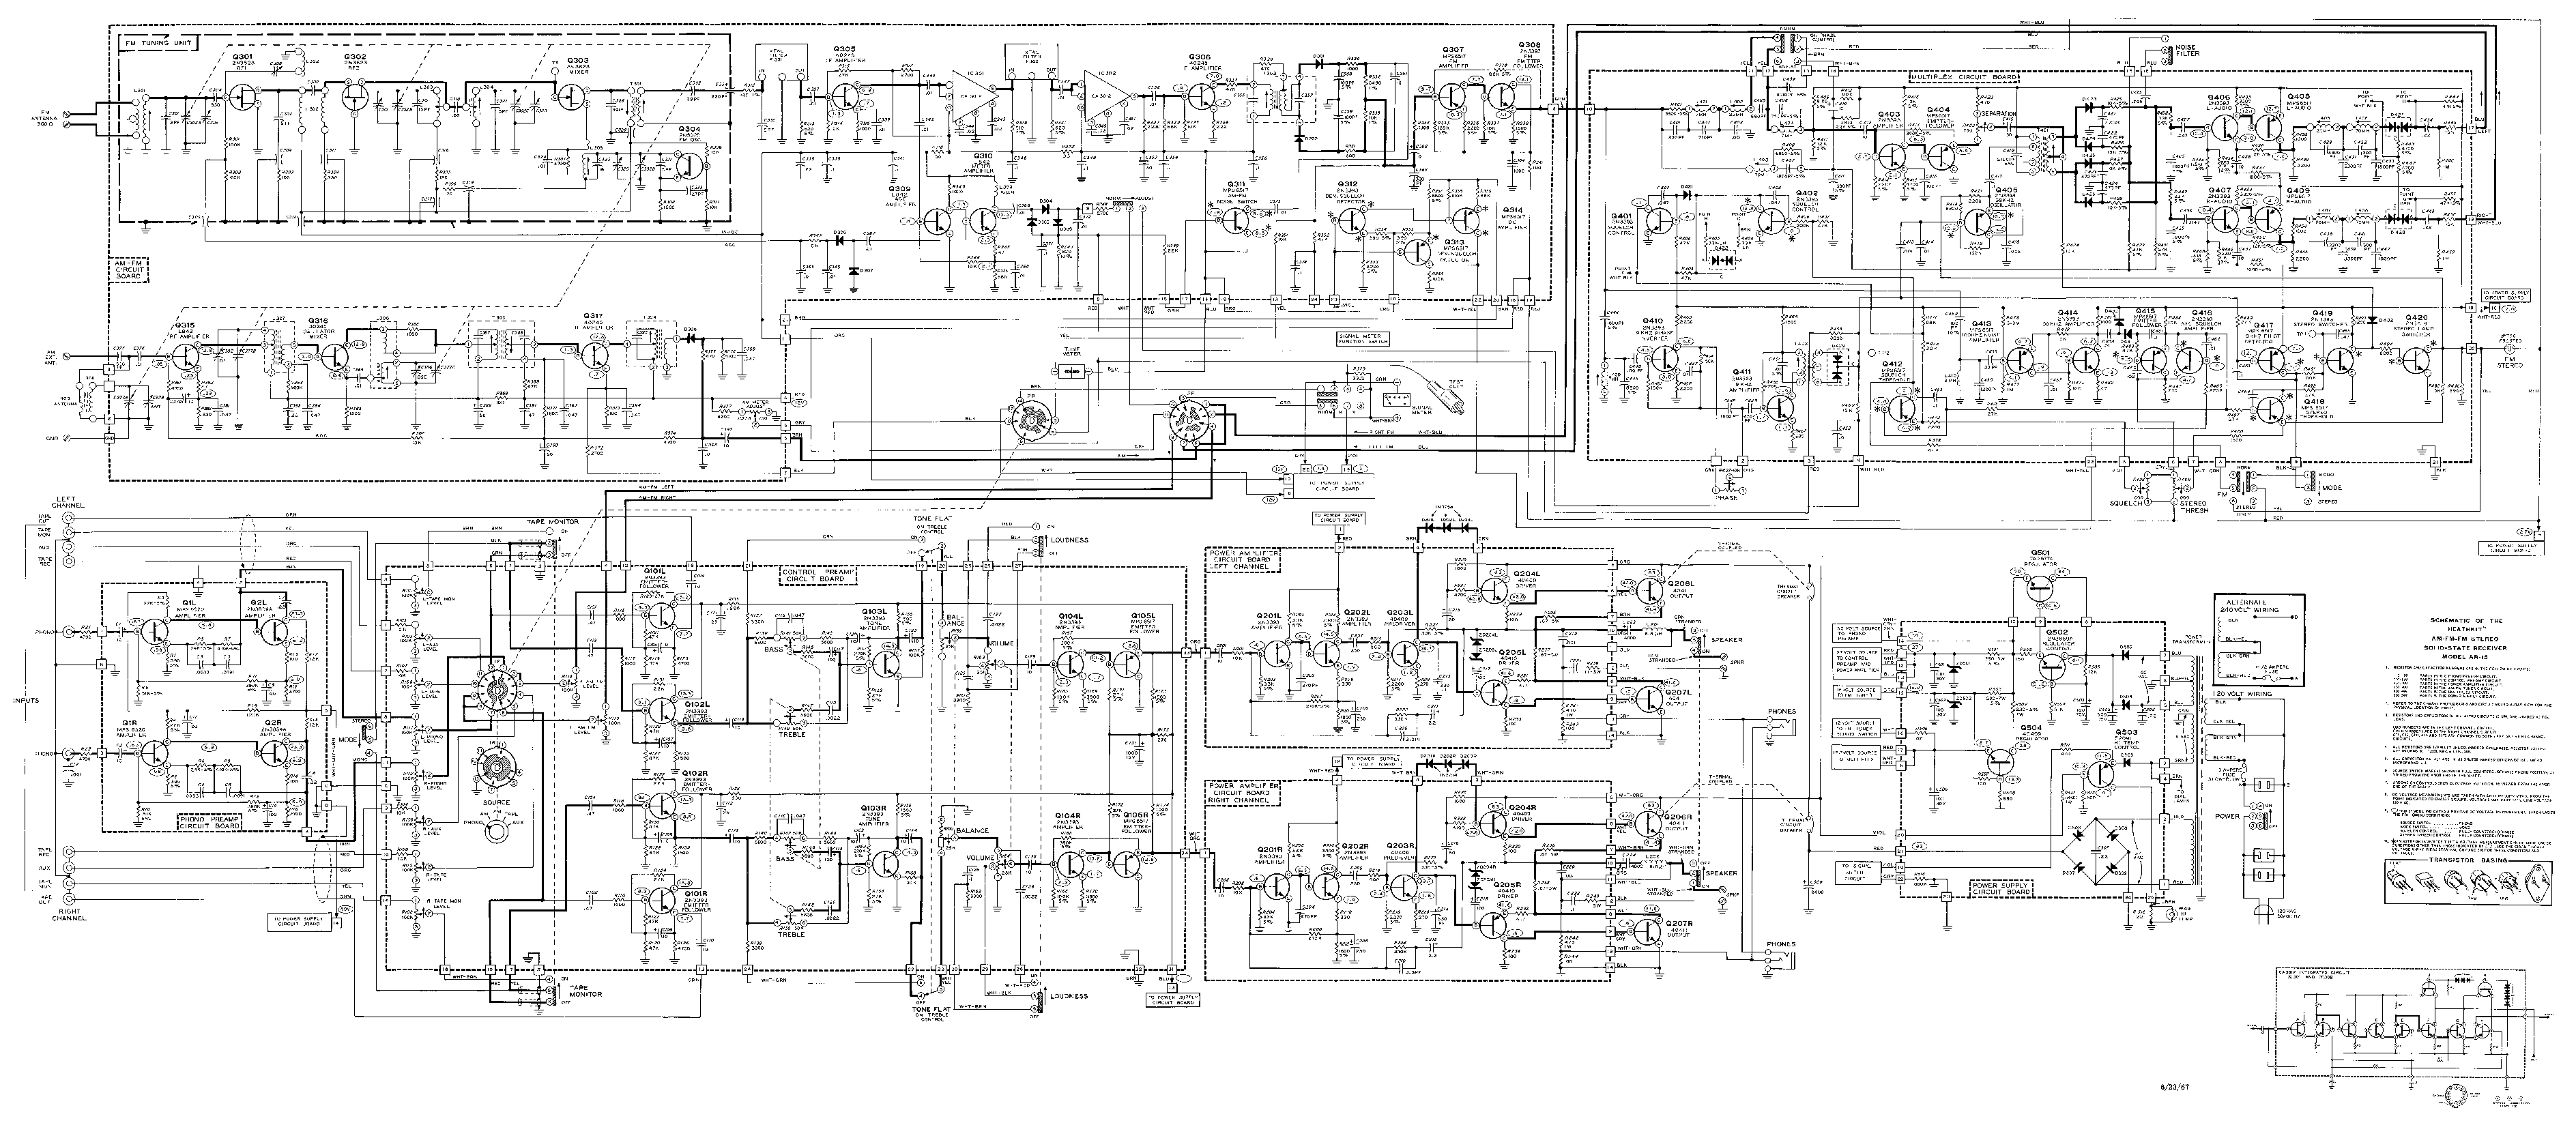 Ar 15 Diagram Pdf | Wiring Diagram